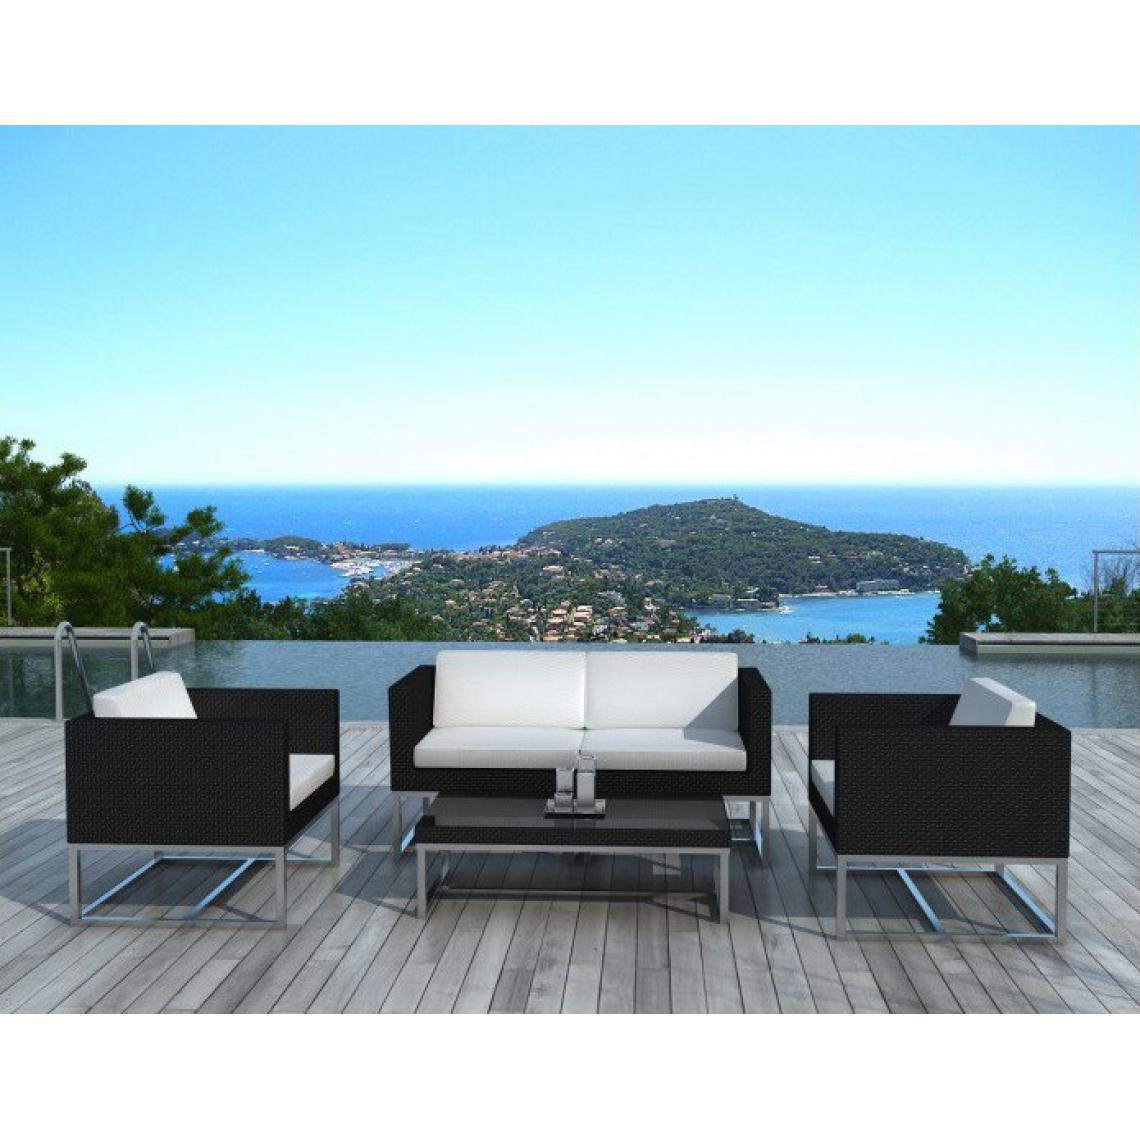 Salon De Jardin Design Noir Et Blanc 4 Places Newton 158x79x70